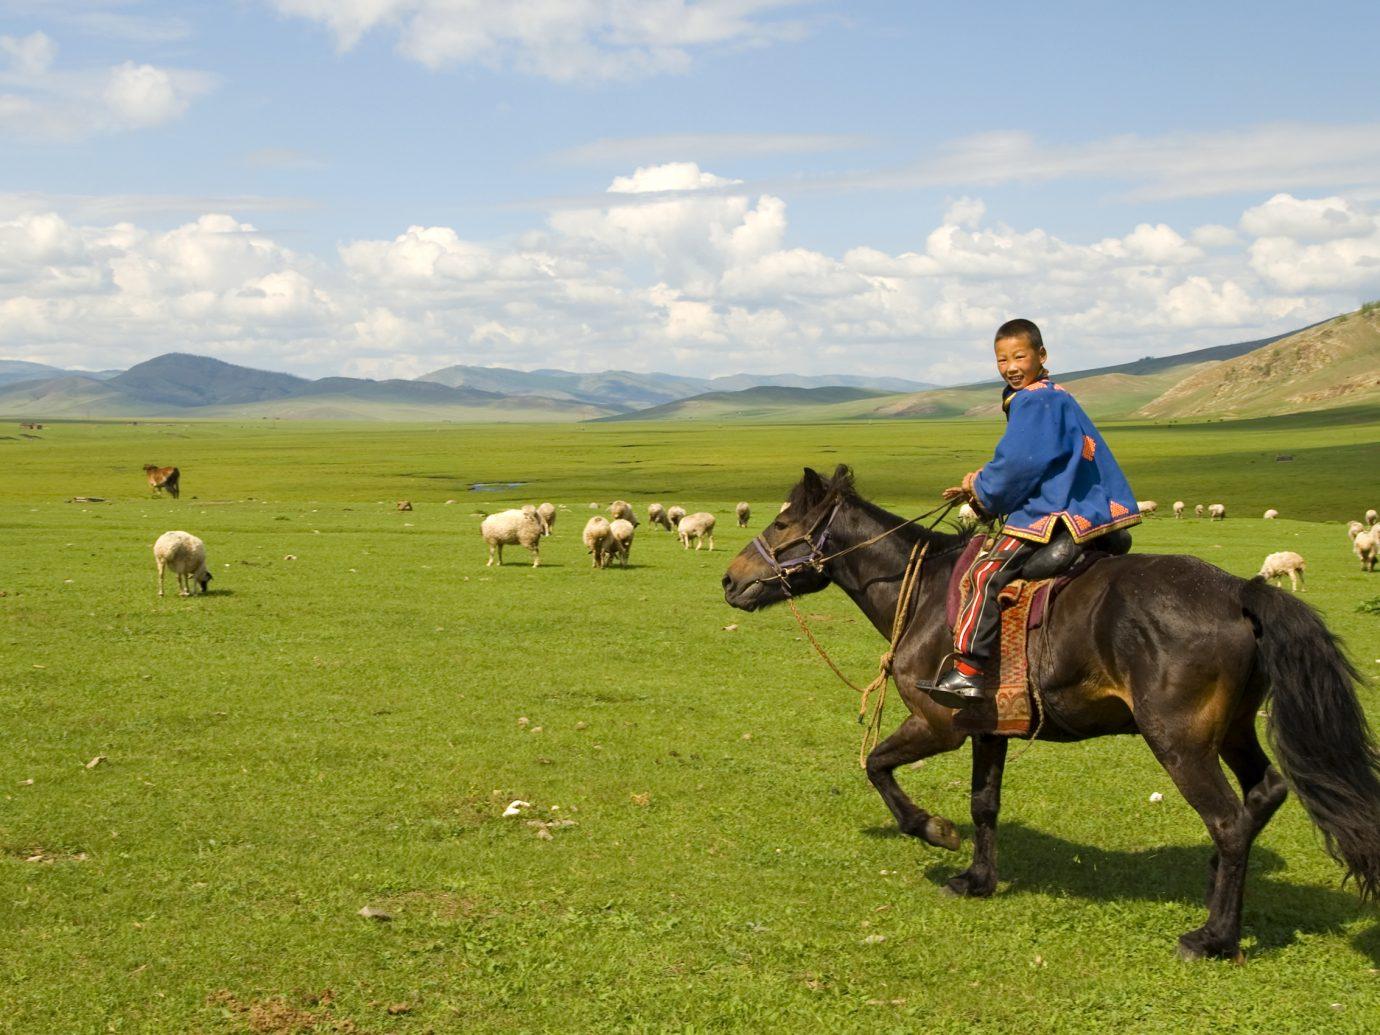 Mongolian boy herding his flock of sheep/goats.